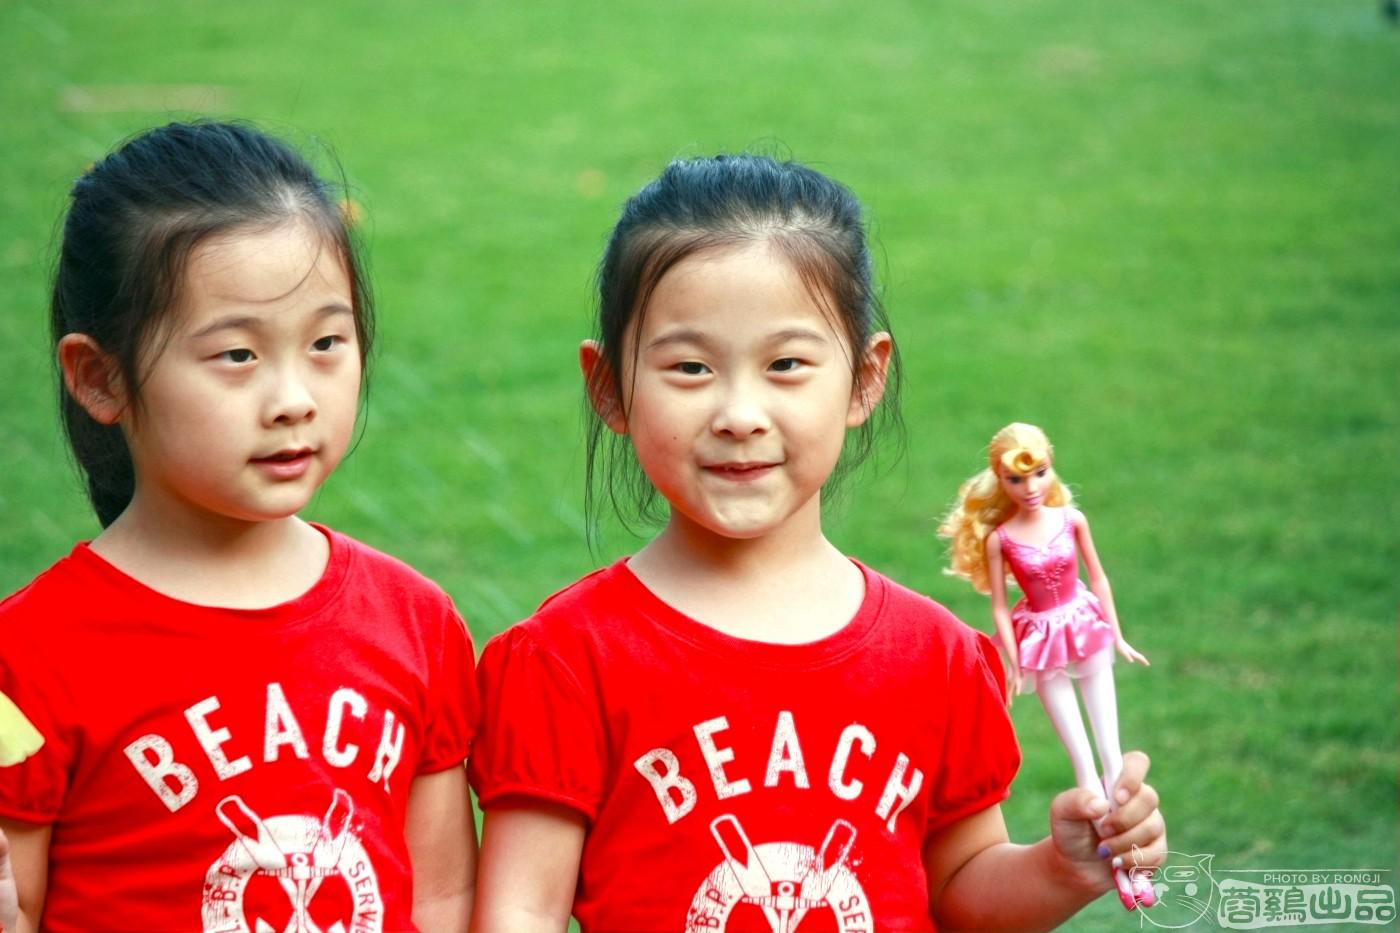 【蓉鸡原创】可爱的小朋友,双胞胎姐妹花